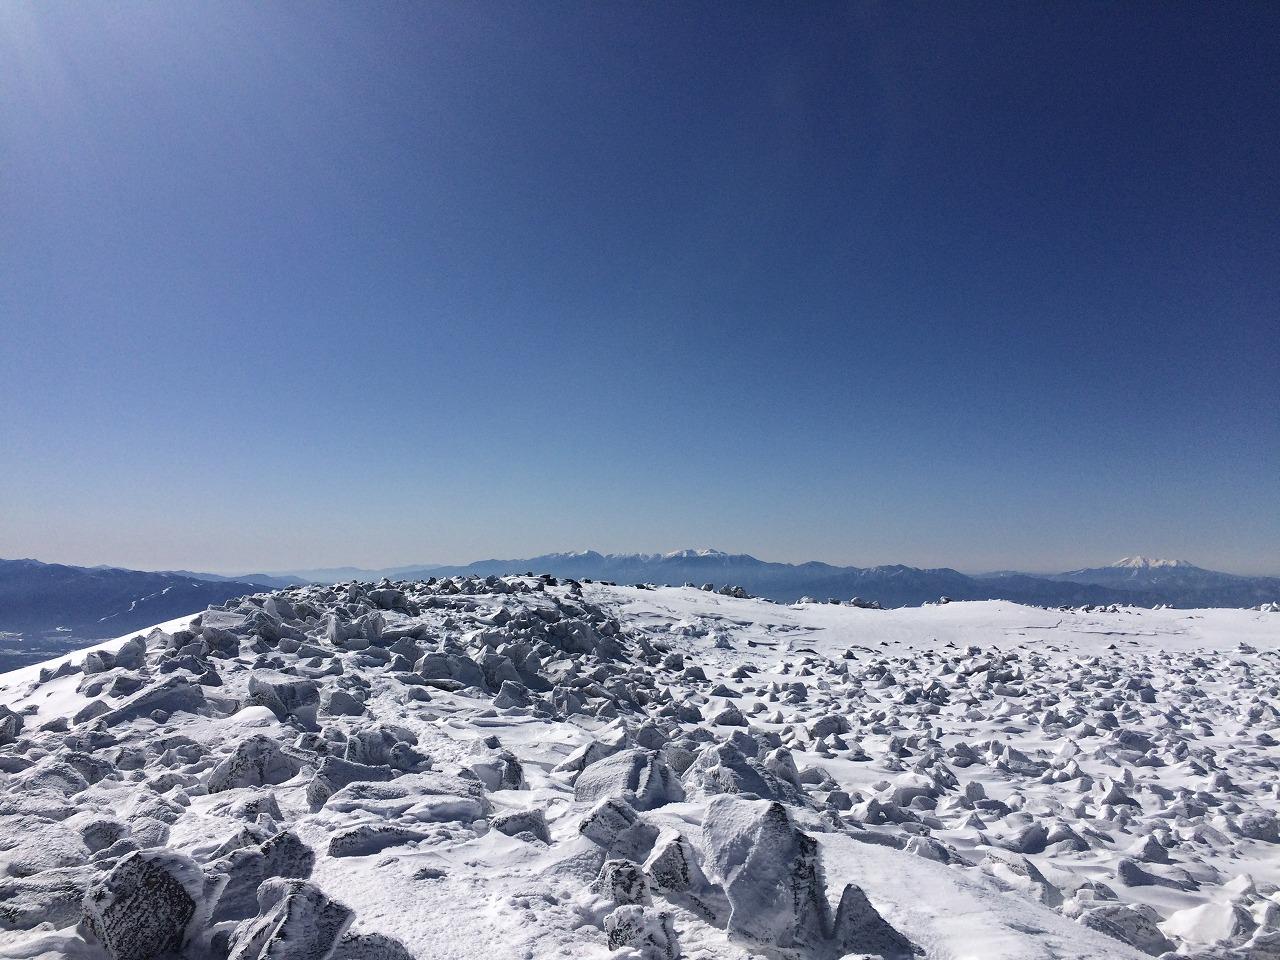 蓼科山から望む中央アルプス。